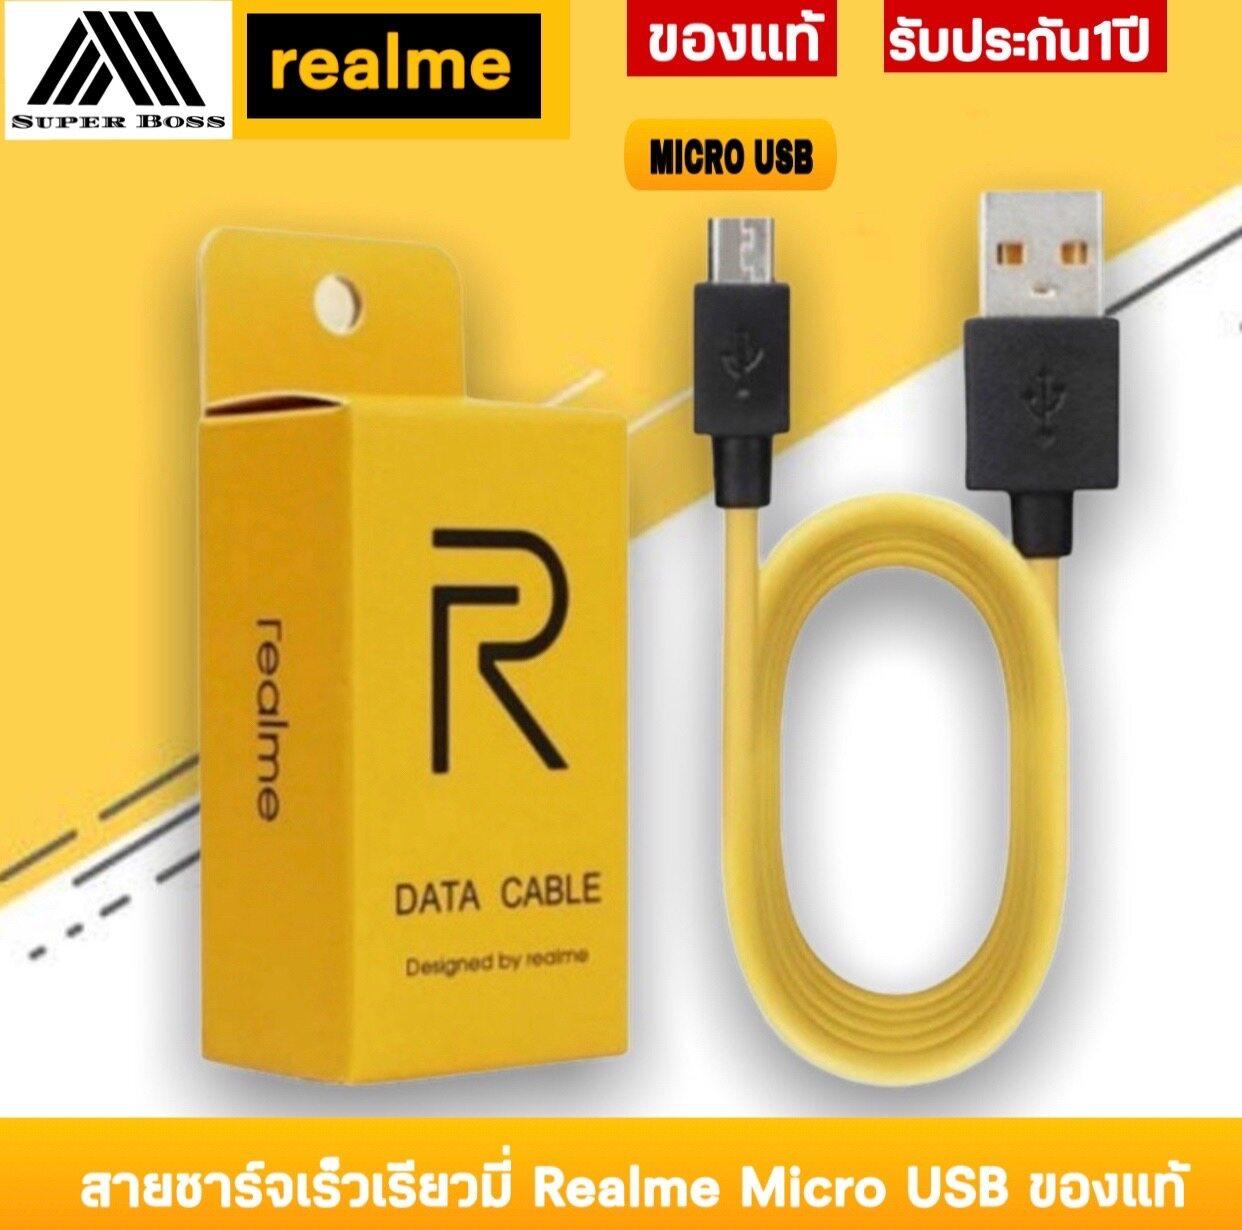 สายชาร์จสำหรับrealme Micro Usb ของแท้ Data Cable / Fast Charge ใช้ได้กับรุ่น เรียวมี5/ 5i, 5s/realme C2/c3/c1/ รับประกัน1ปี By Bossstore.